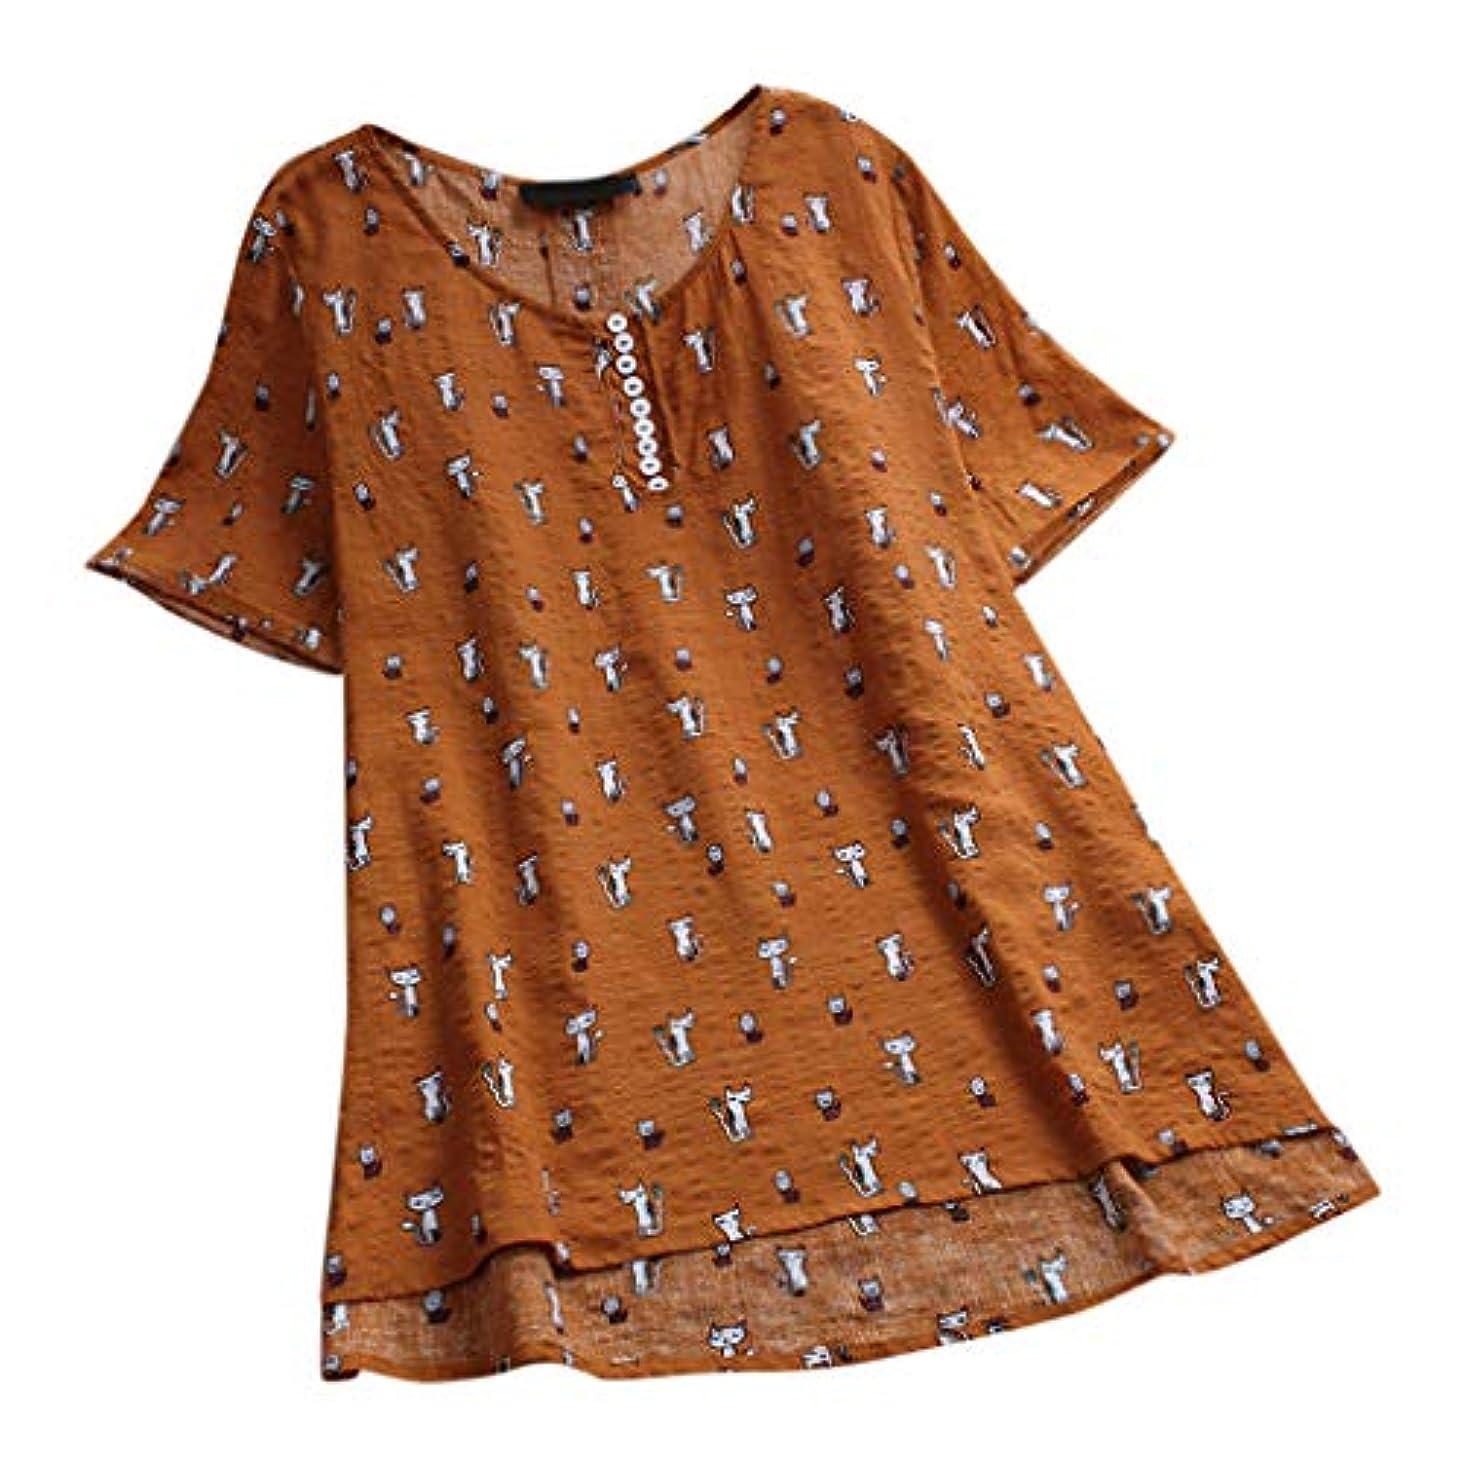 フクロウ両方刑務所レディース tシャツ プラスサイズ 半袖 丸首 猫プリント ボタン ビンテージ チュニック トップス 短いドレス ブラウス 人気 夏服 快適な 軽い 柔らかい かっこいい ワイシャツ カジュアル シンプル オシャレ 春夏秋 対応